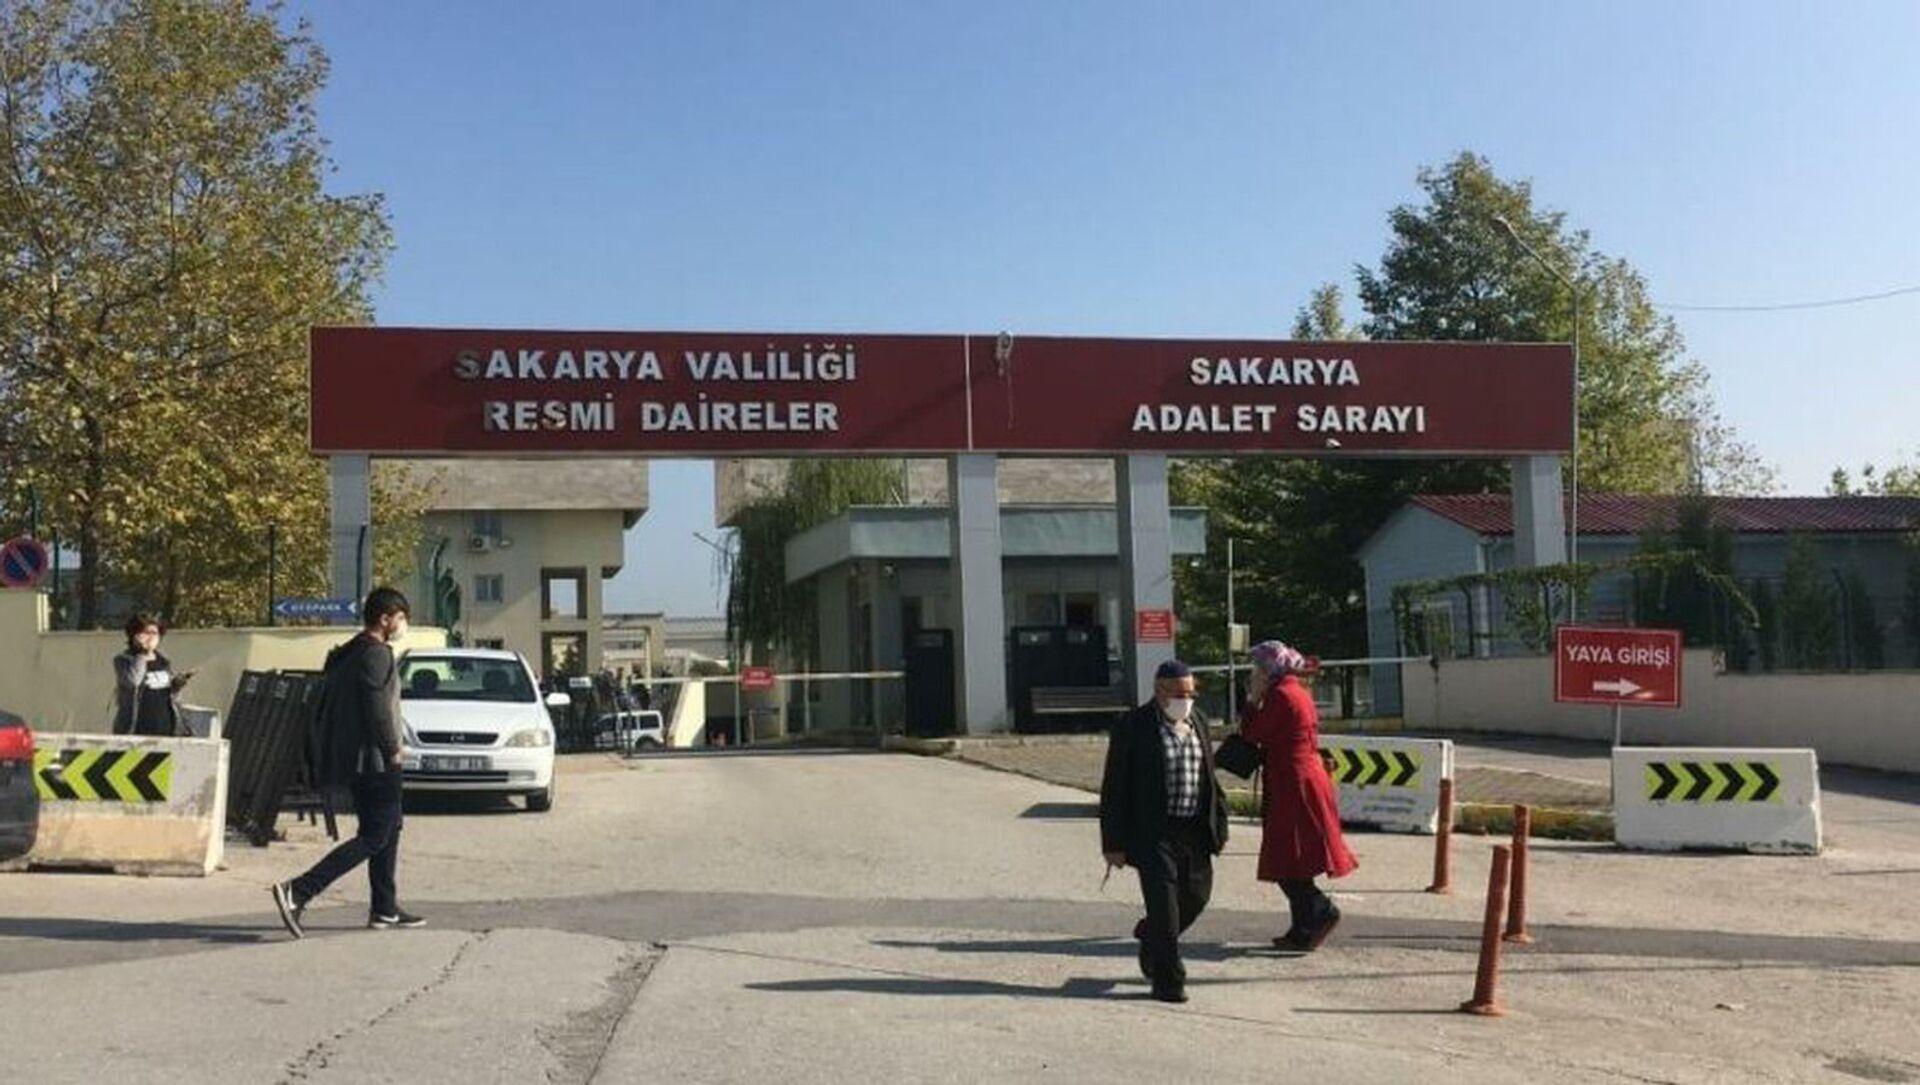 Sakarya Valiliği, Sakarya Adalet Sarayı - Sputnik Türkiye, 1920, 02.03.2021